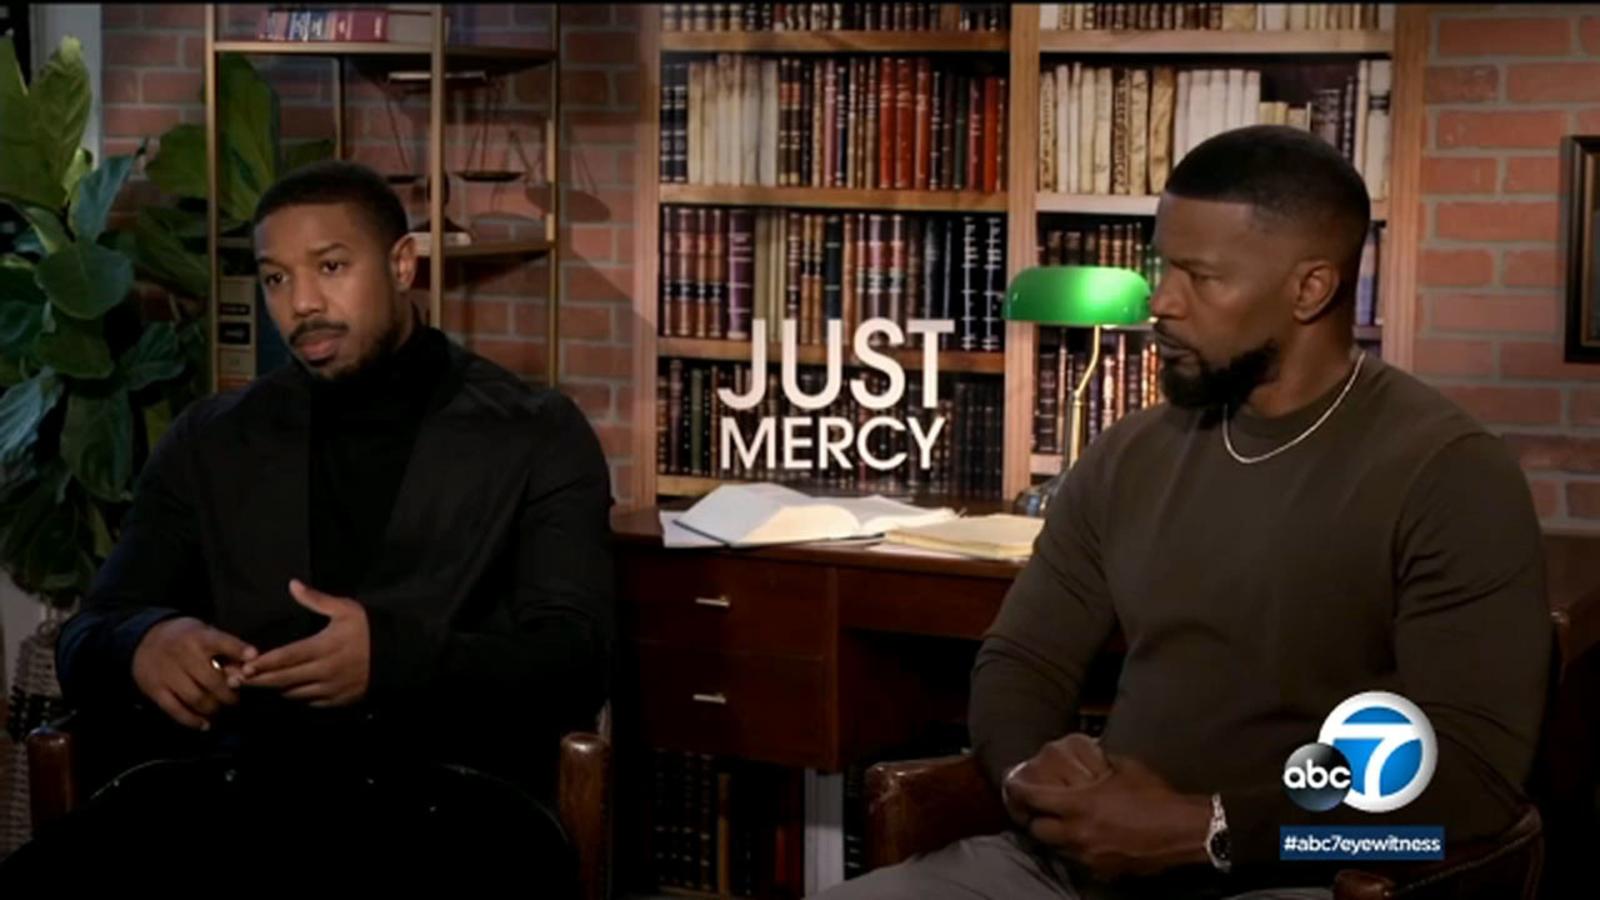 Just Mercy starring Michael B Jordan and Jamie Foxx looks at 1600x900